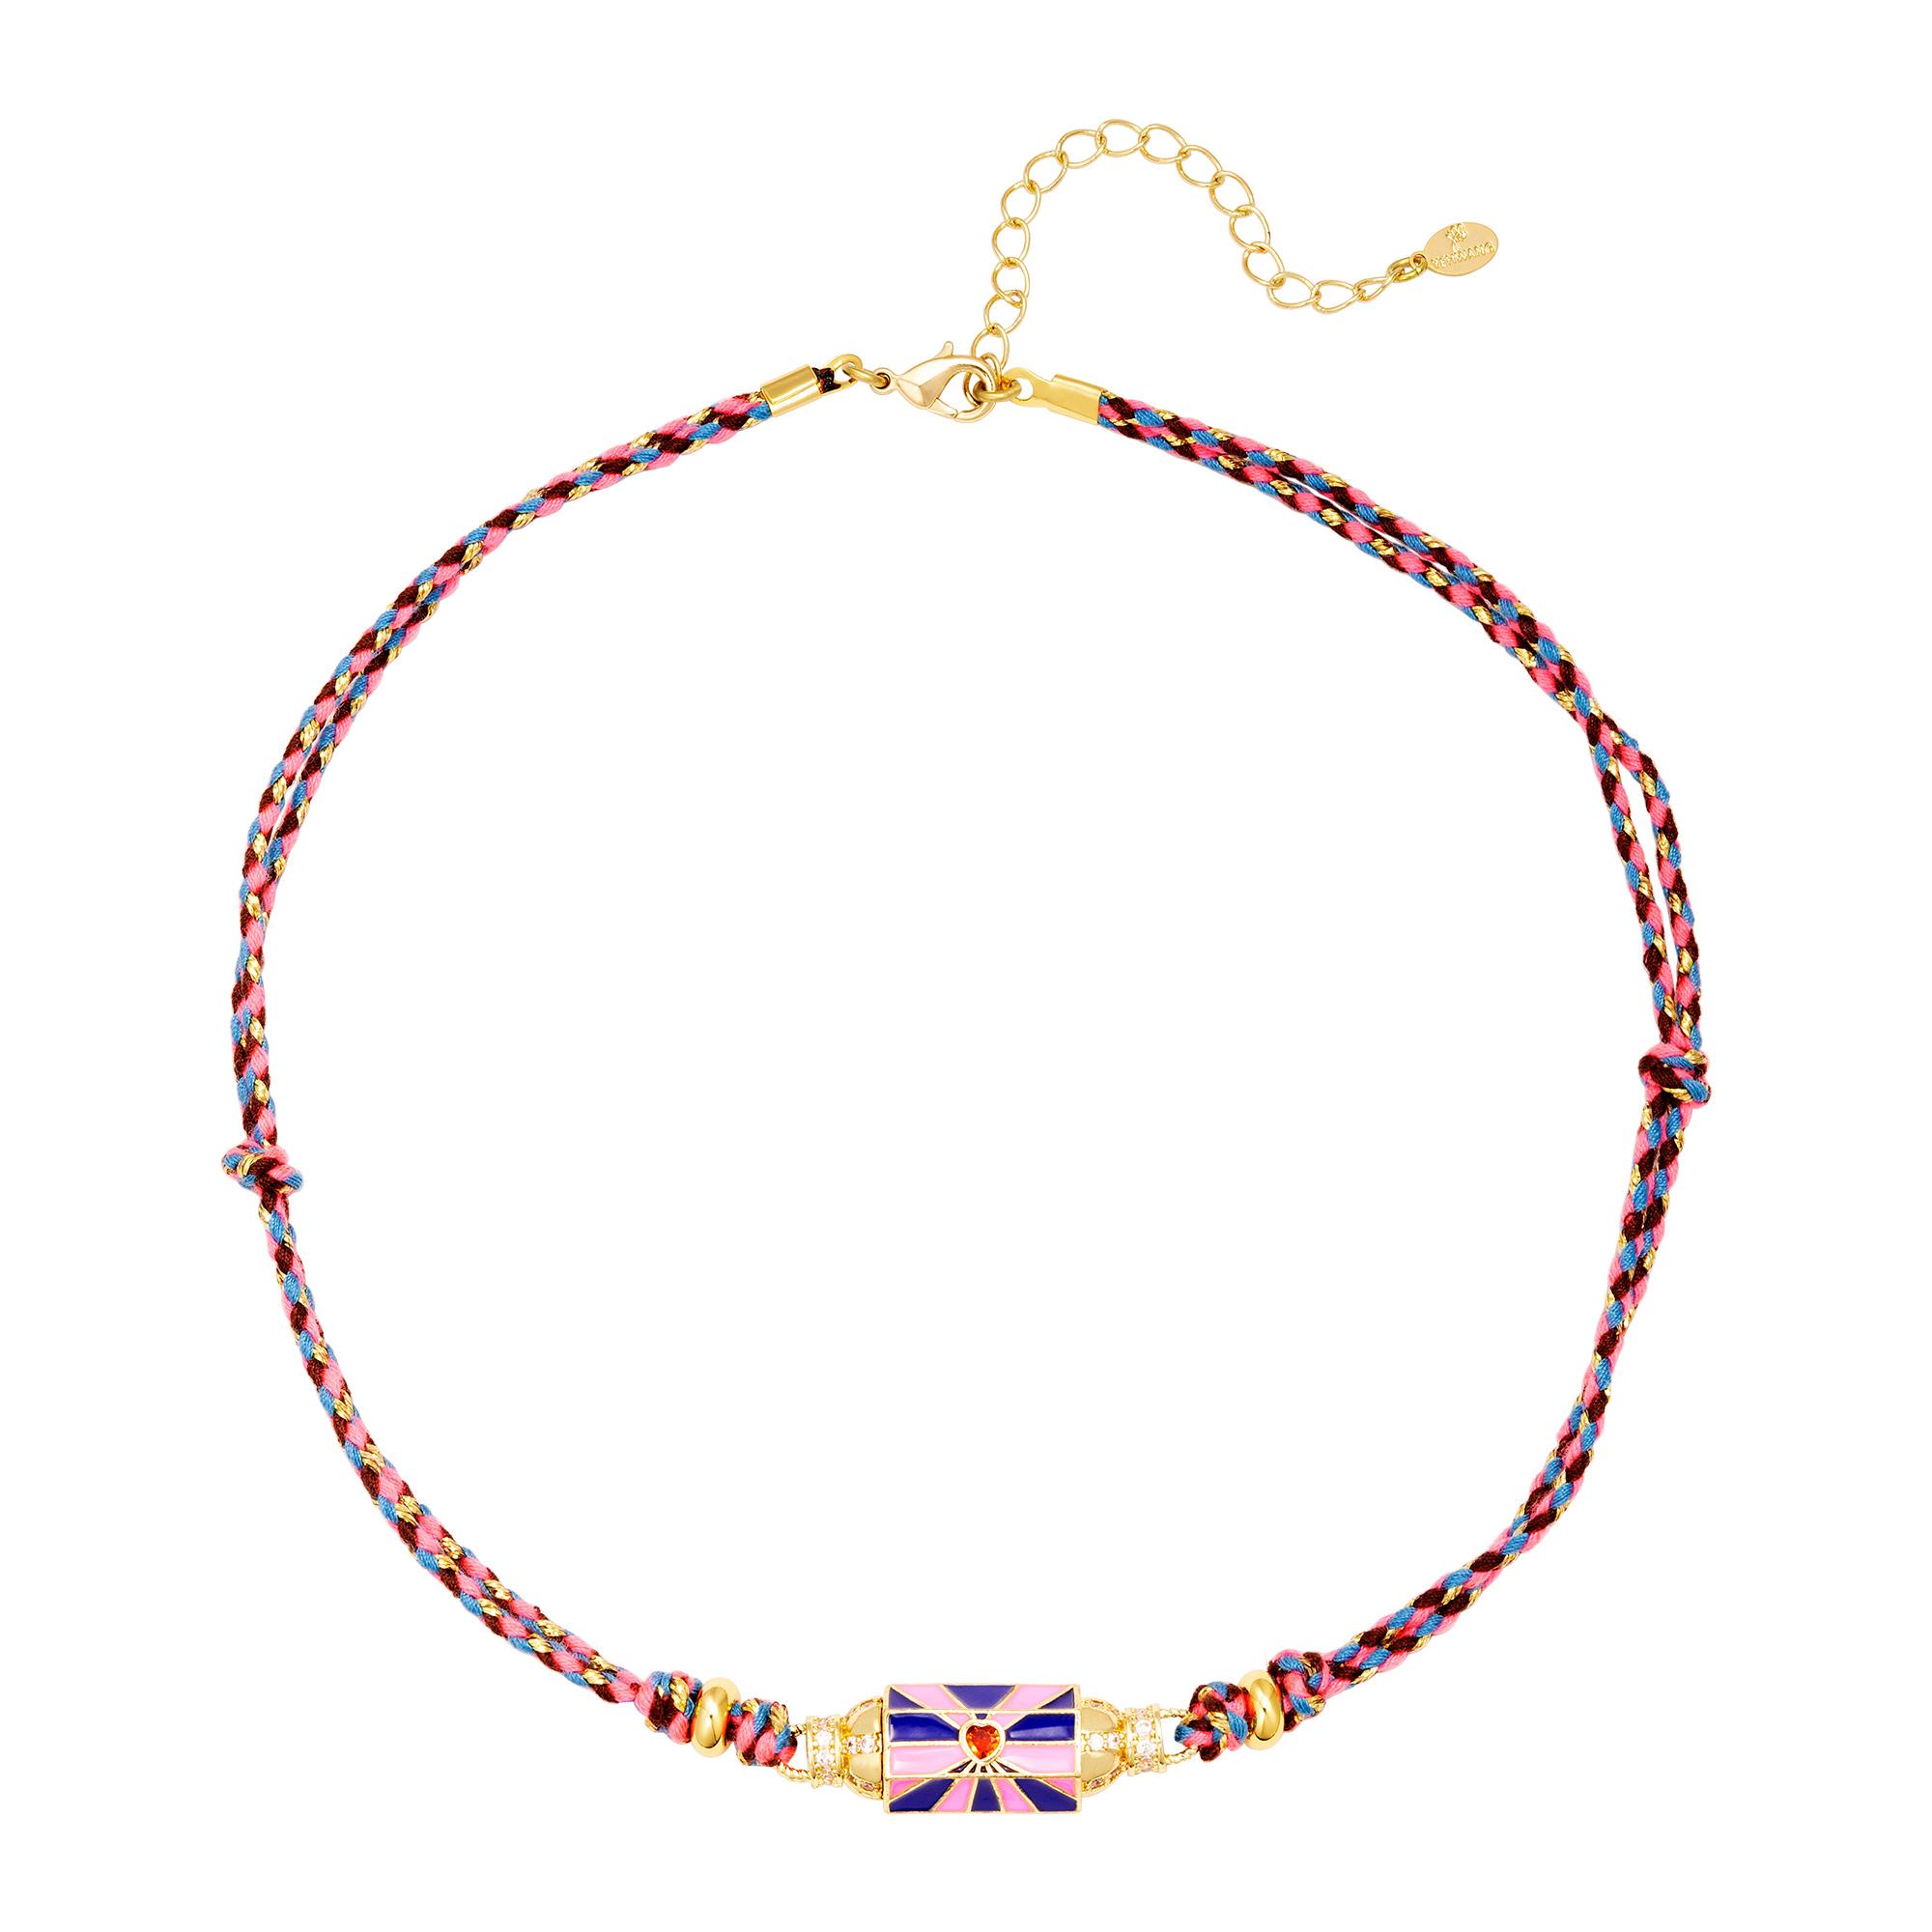 Collier perle colorée